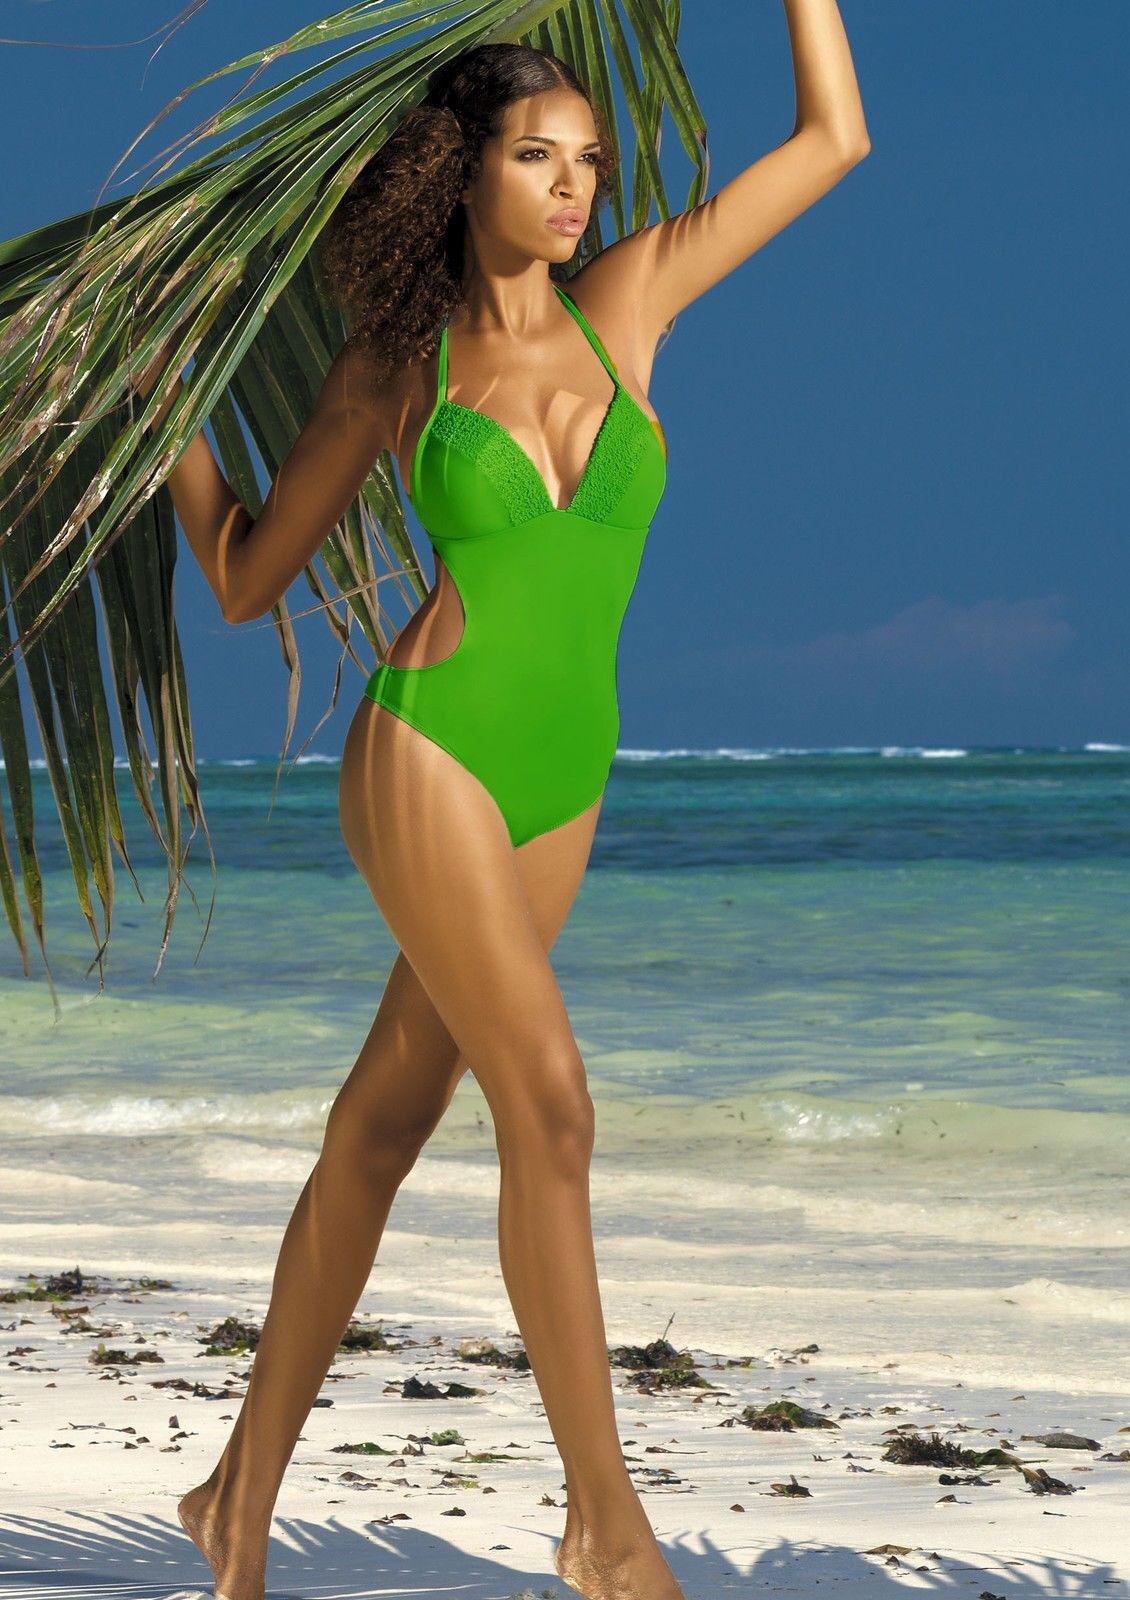 Elegant & Sexy Monokini She  Nadine  Gr.36,38,40,42 Gr.36,38,40,42 Gr.36,38,40,42 in grün und himbeere | New Product 2019  | Erste Gruppe von Kunden  | Offizielle Webseite  97e5e2